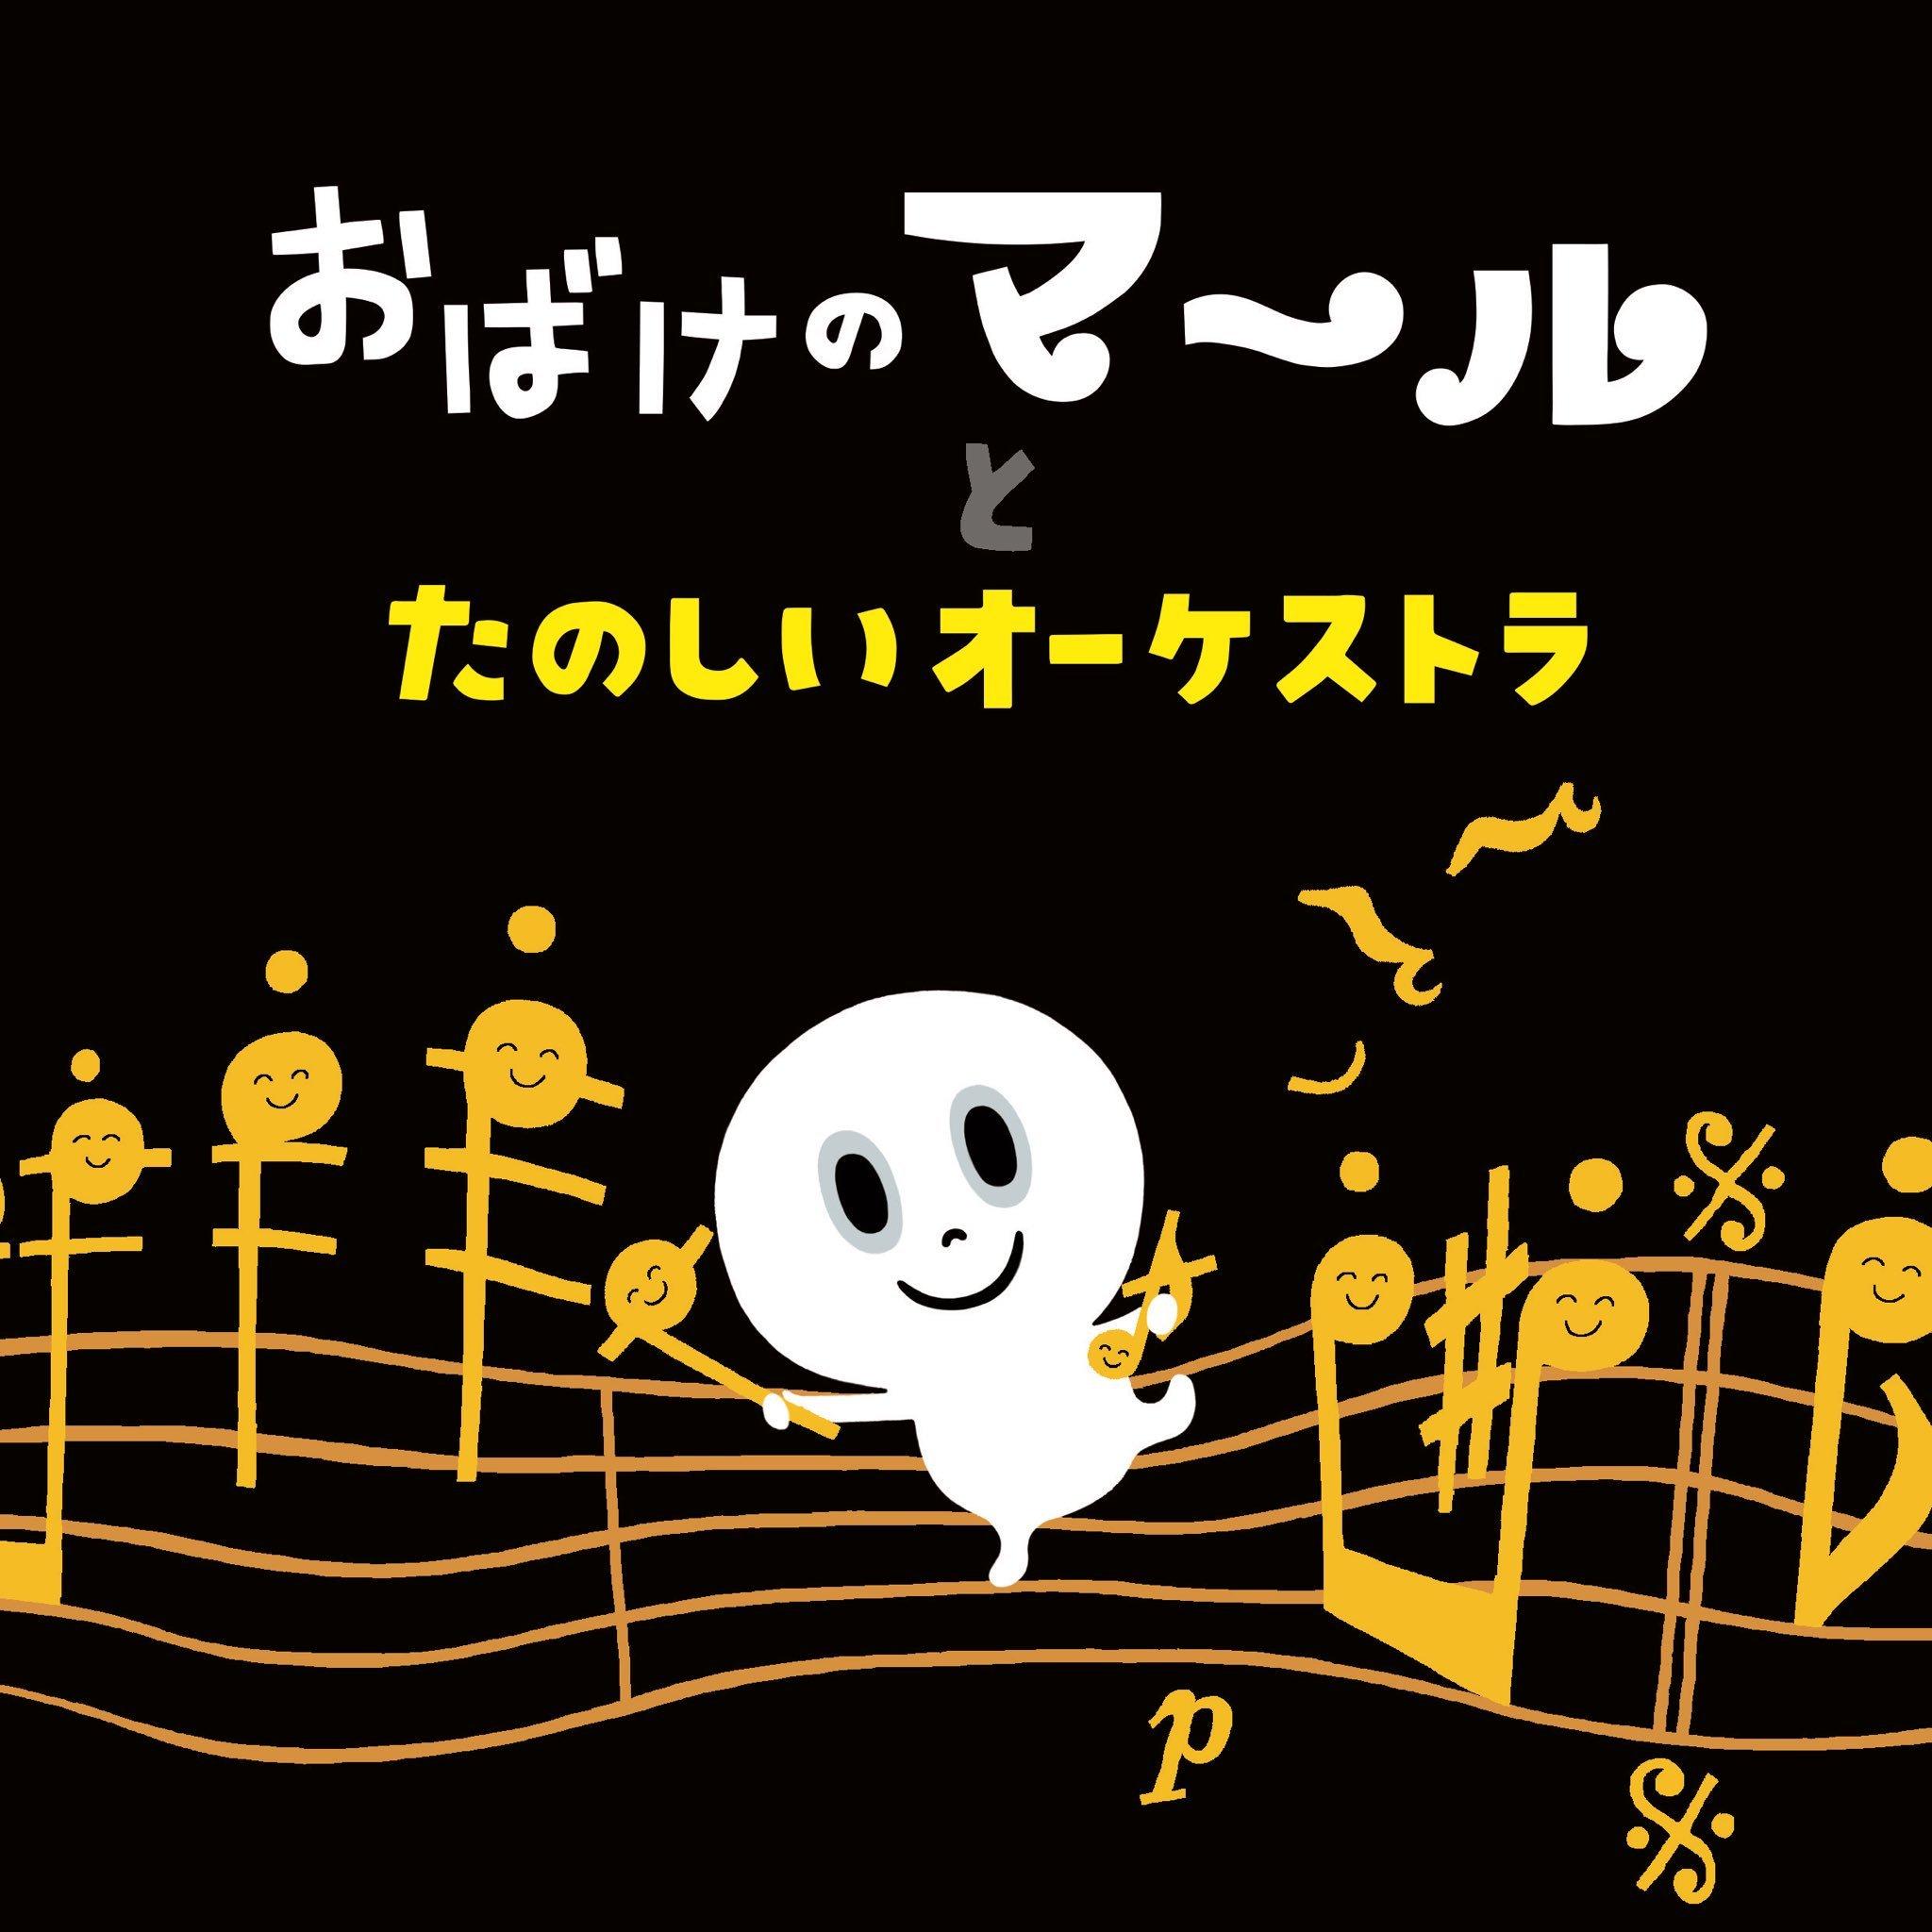 『おばけのマ~ルとたのしいオーケストラ』本日(2/27)発売のお知らせ